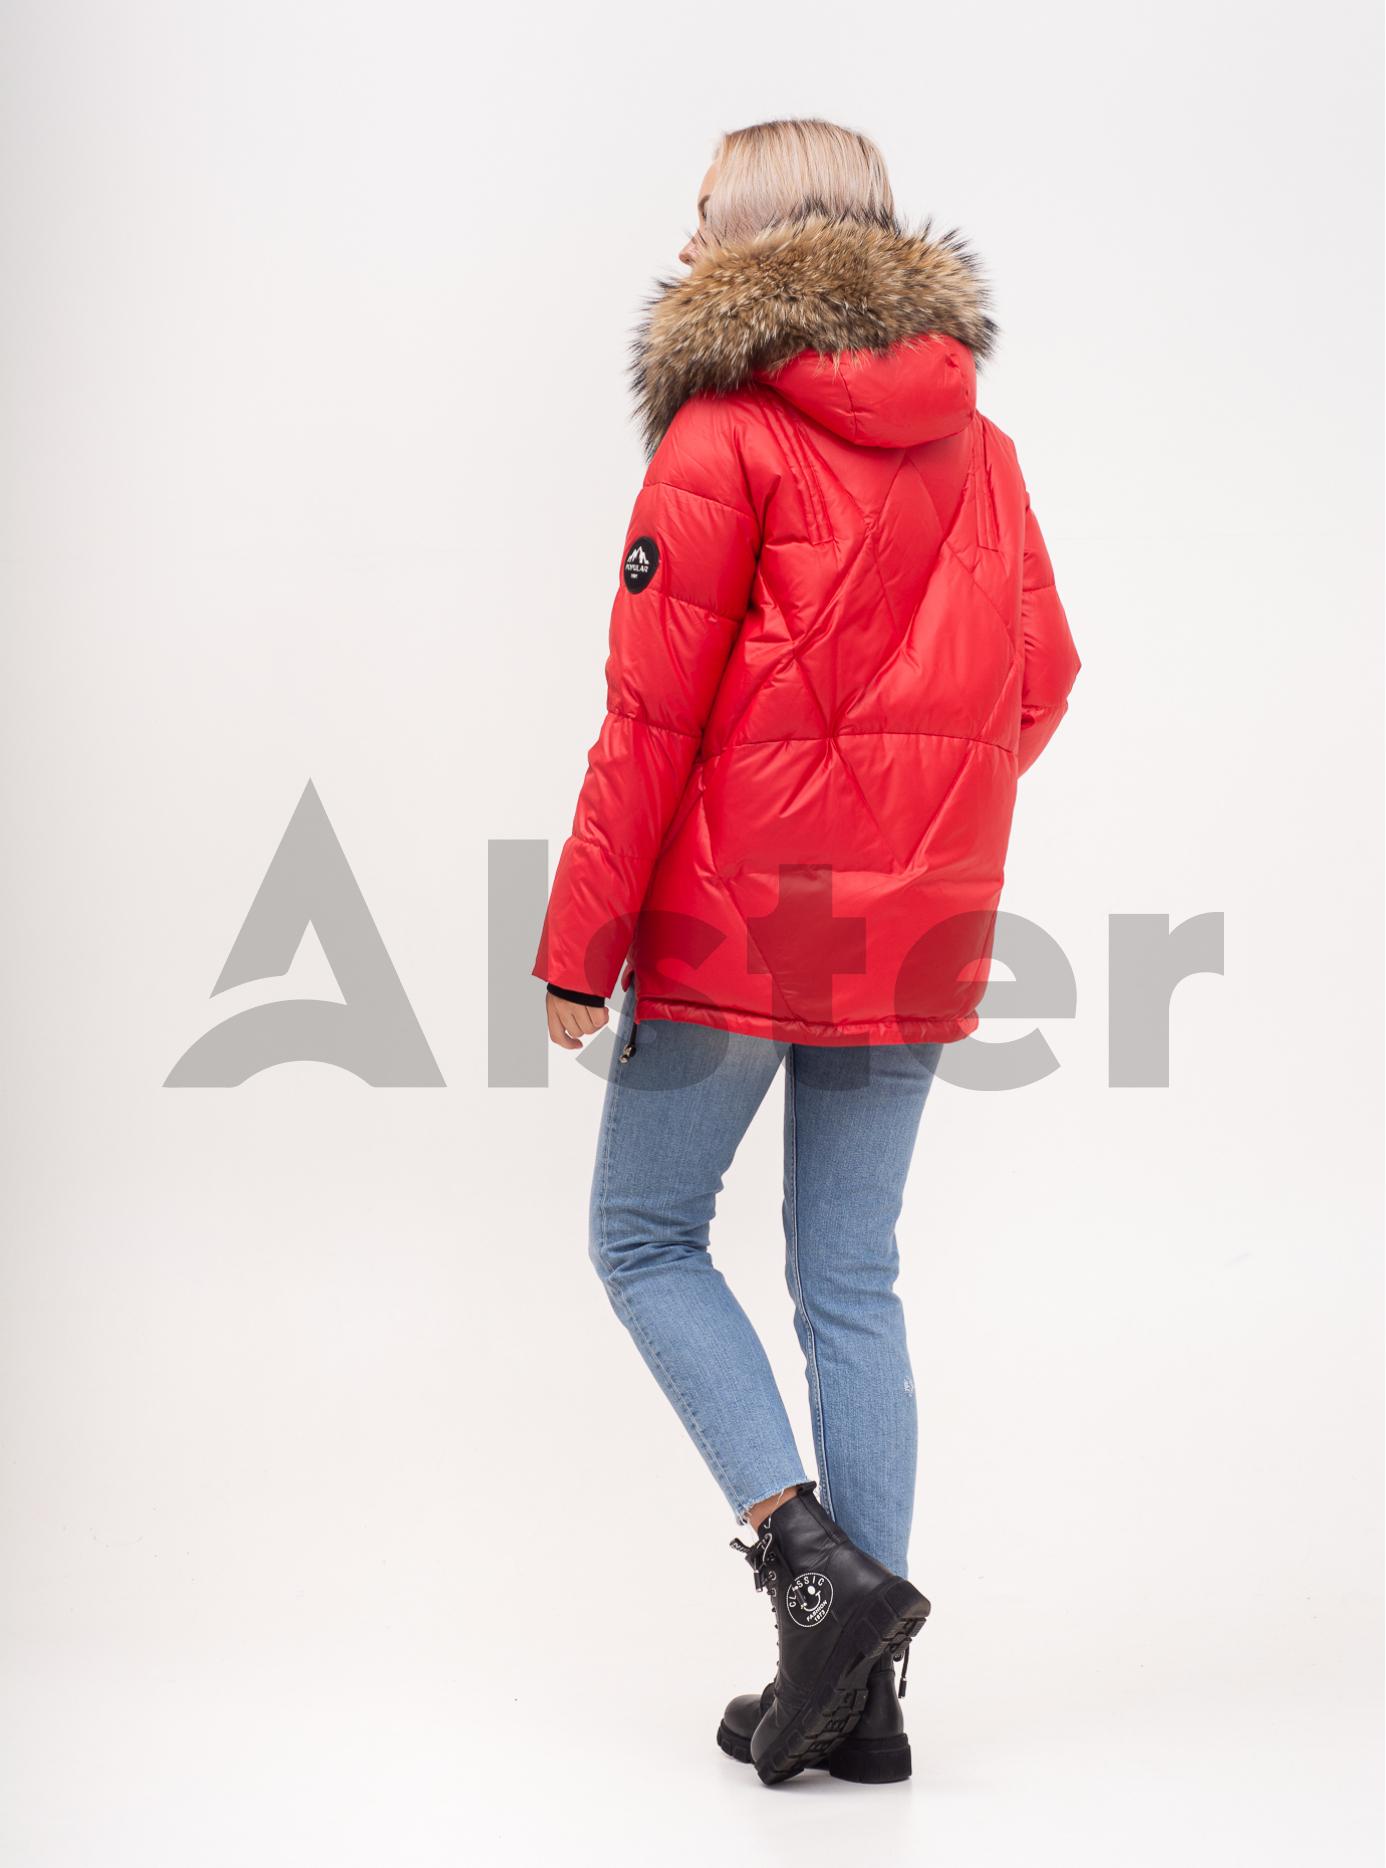 Пуховик зимовий короткий з хутром єнота Червоний M (02-N200382): фото - Alster.ua